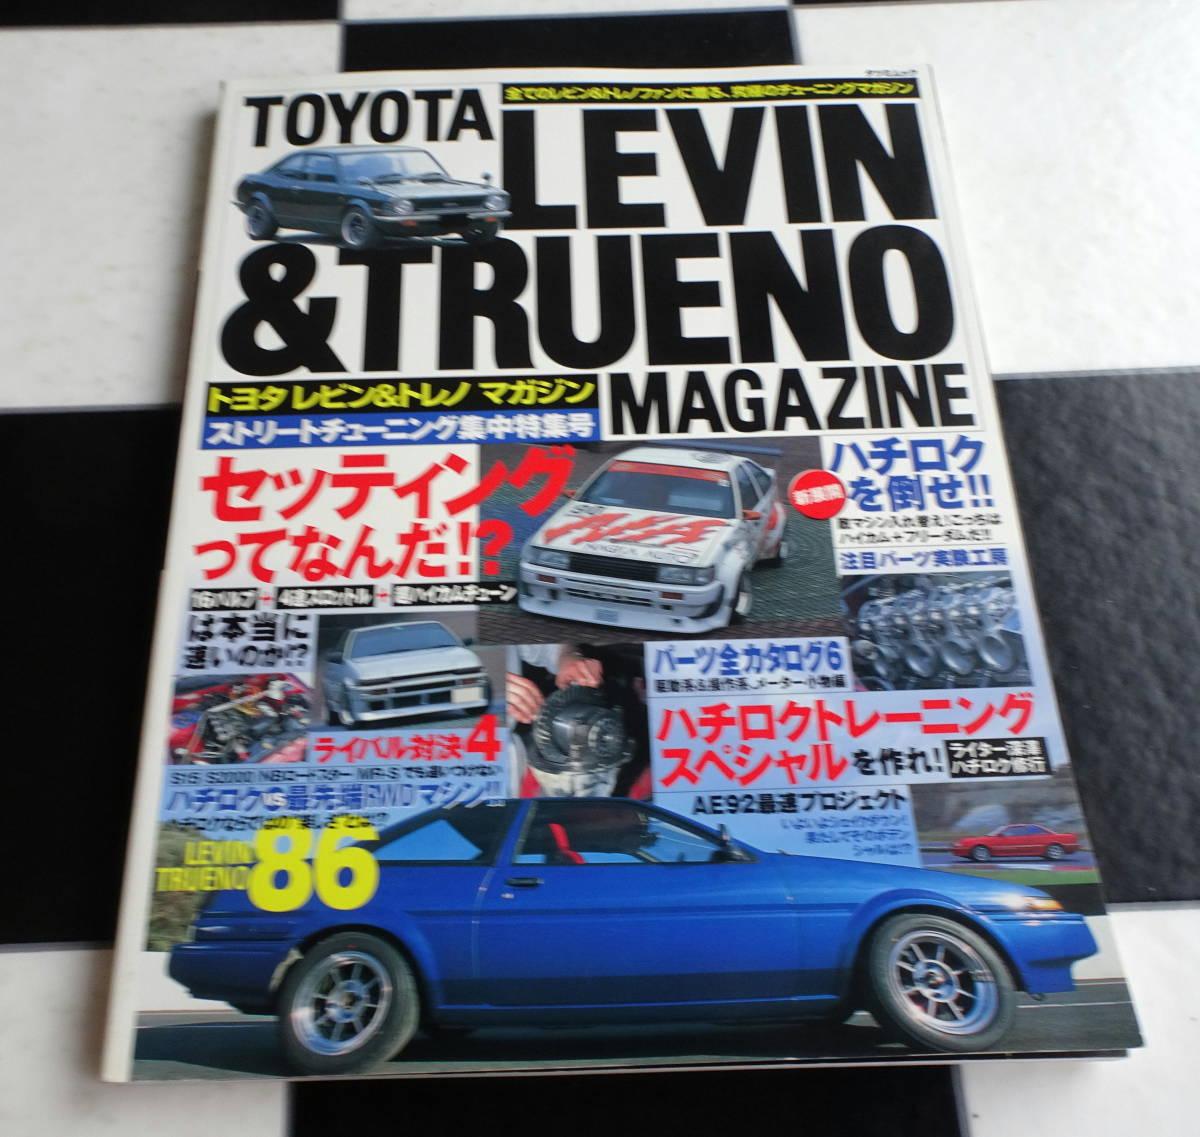 TOYOTA Levin&Trueno Magazine Vol.6 すべてのトヨタ レビン&トレノファンに贈る究極のチューニングマガジン AE86 4A-G_画像1